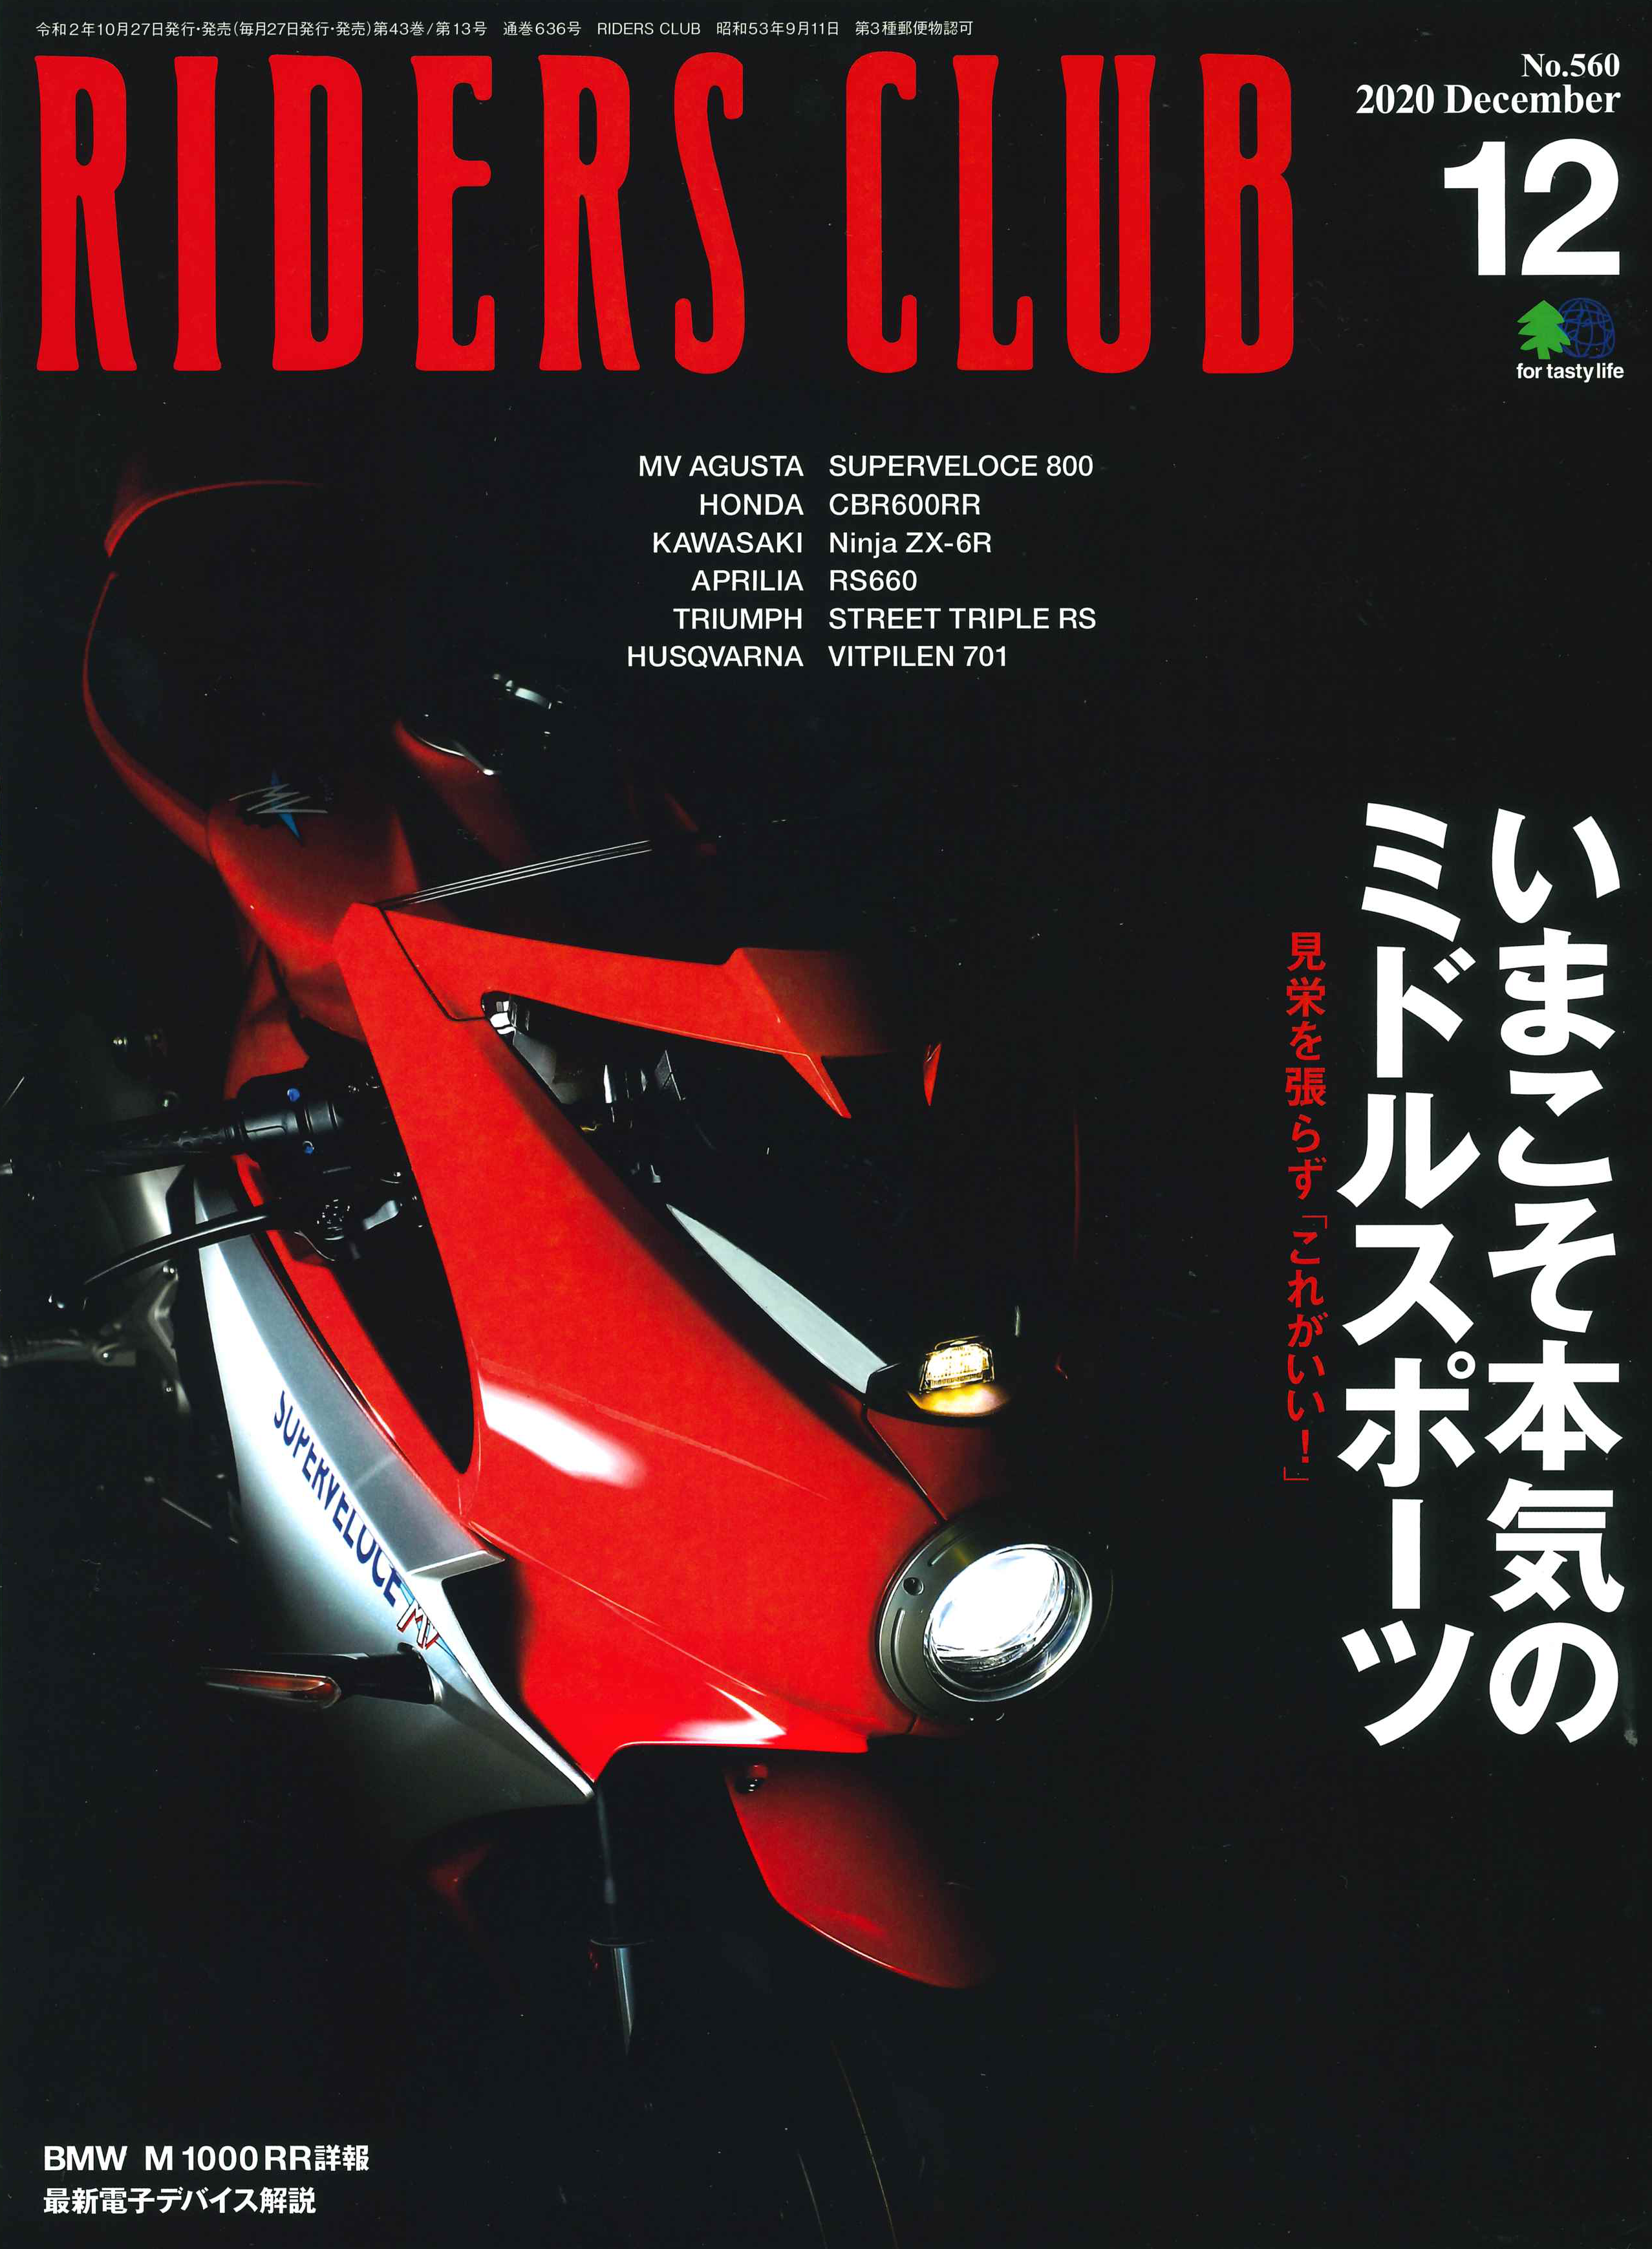 【RIDERS CLUB 2020年12月号掲載】さらに明るく、より安全に「LED RIBBON REVO」